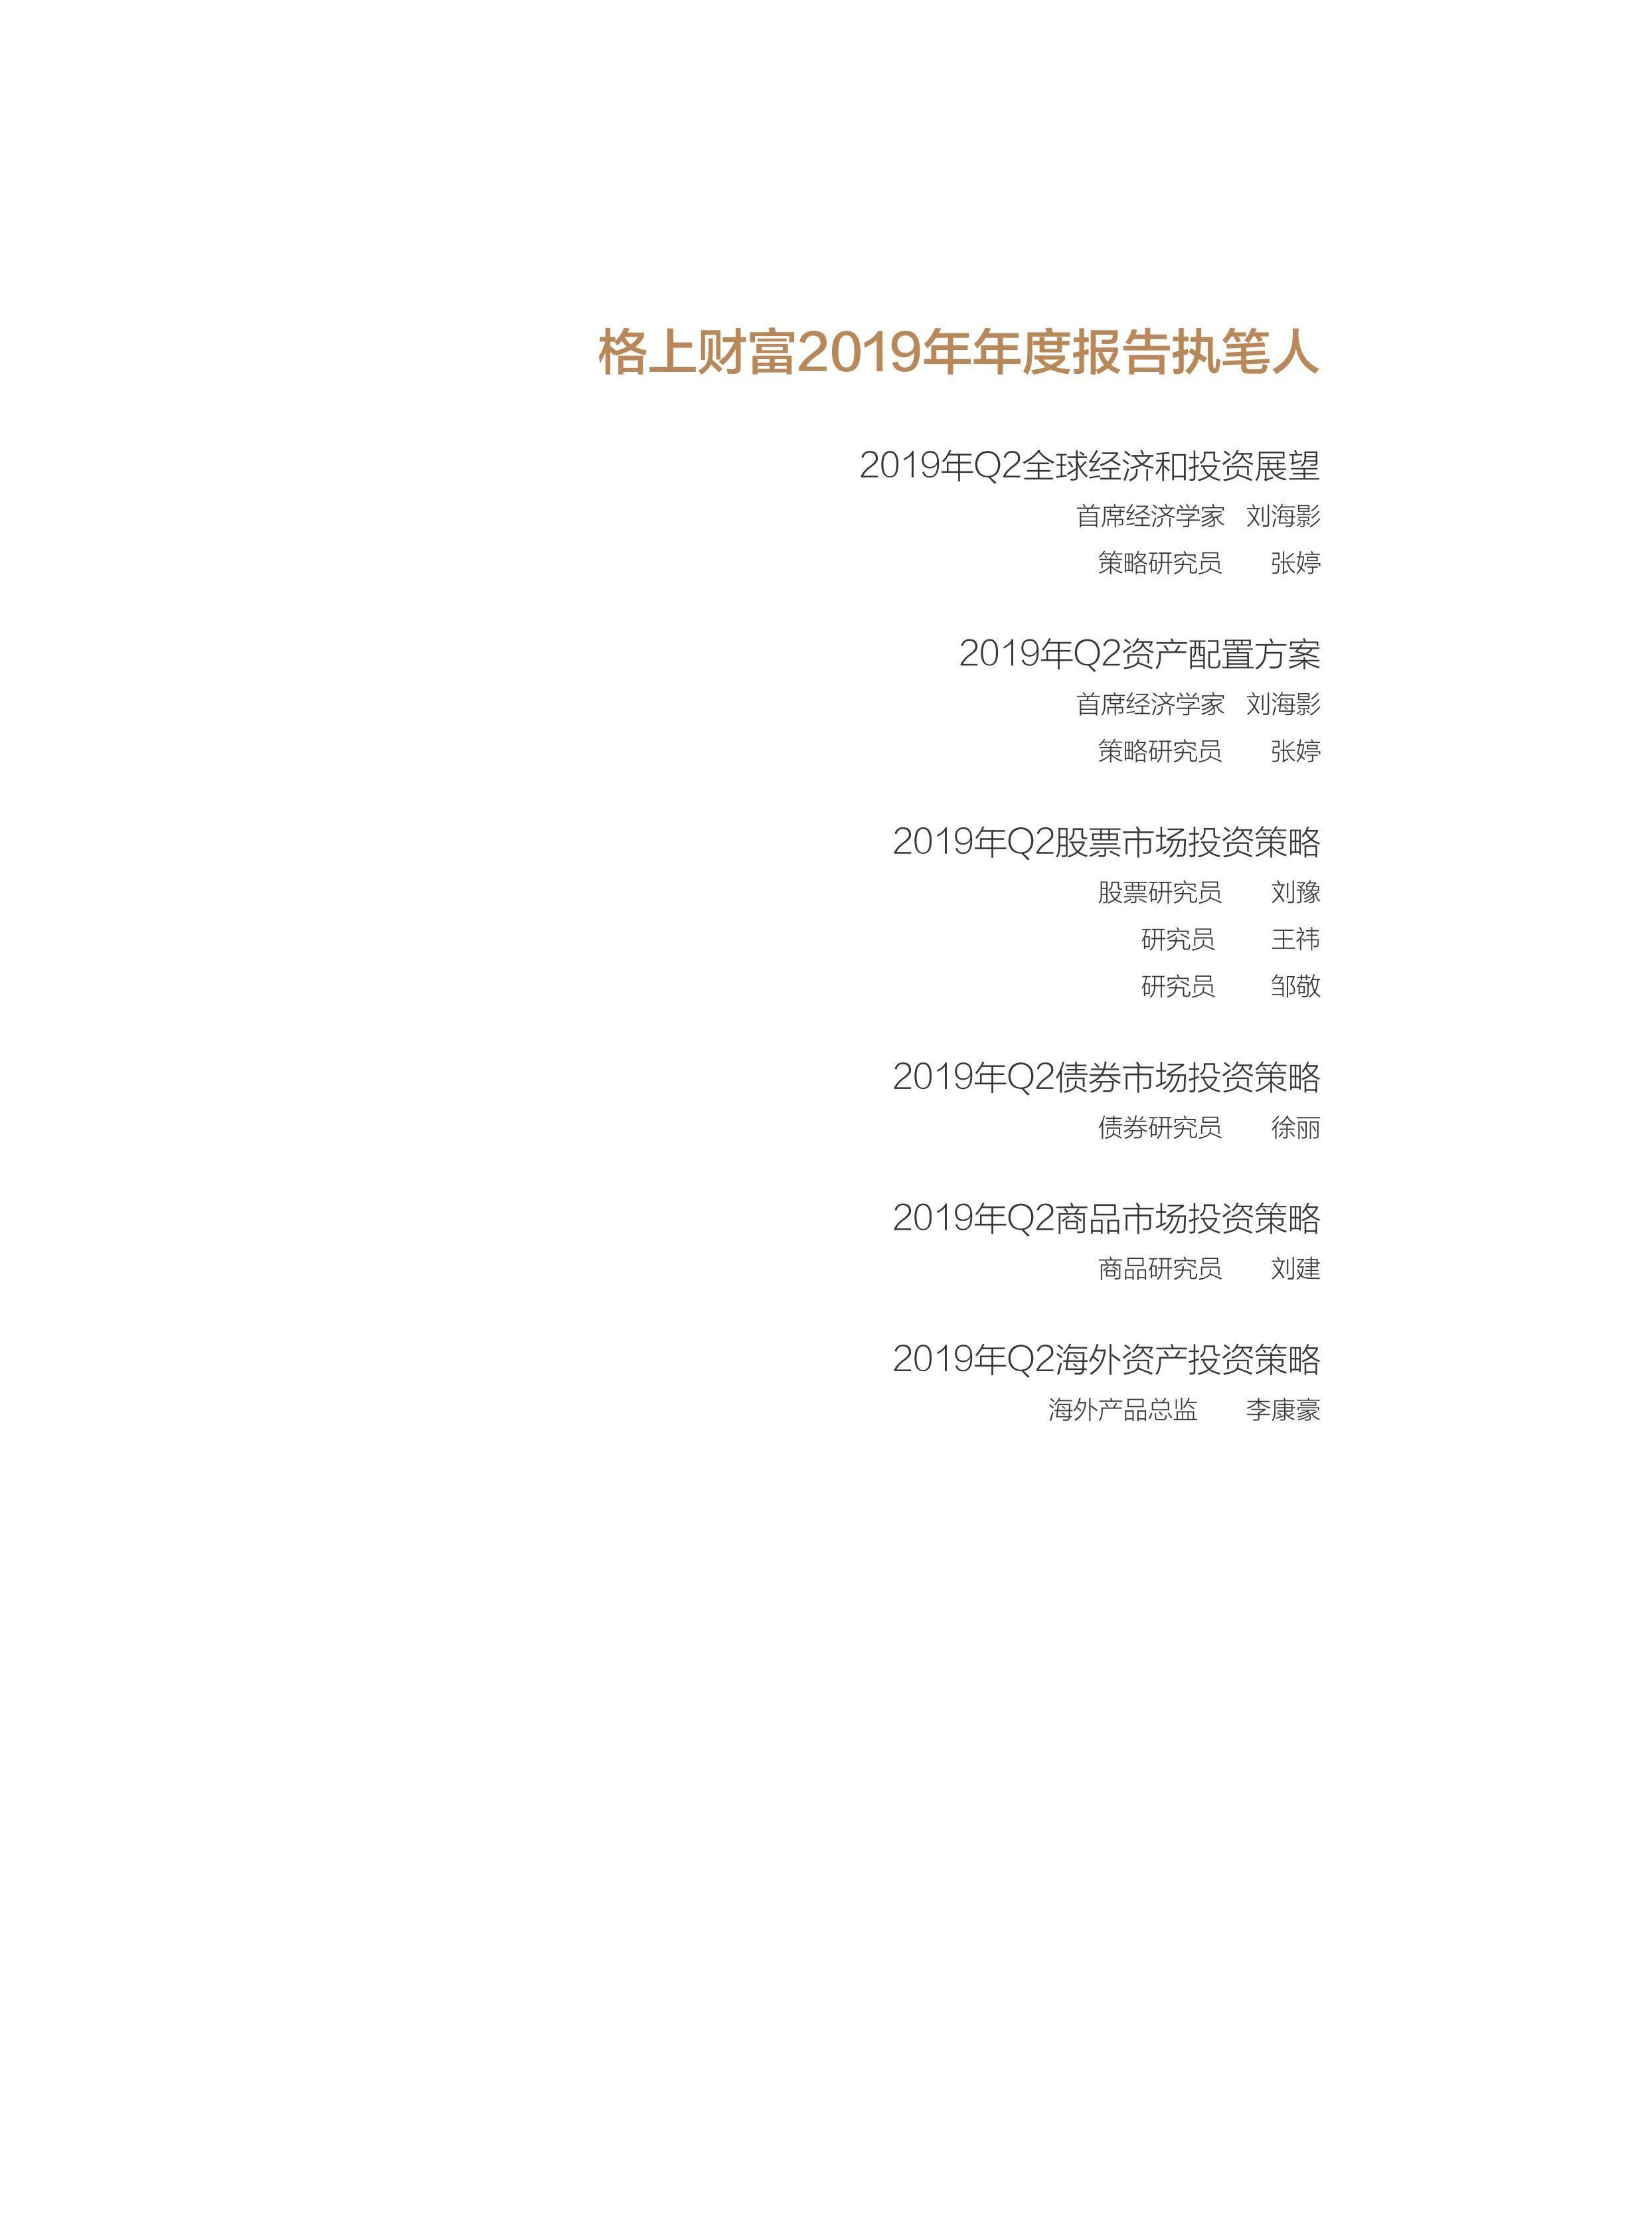 gbm-richtext-upload-1553757823751